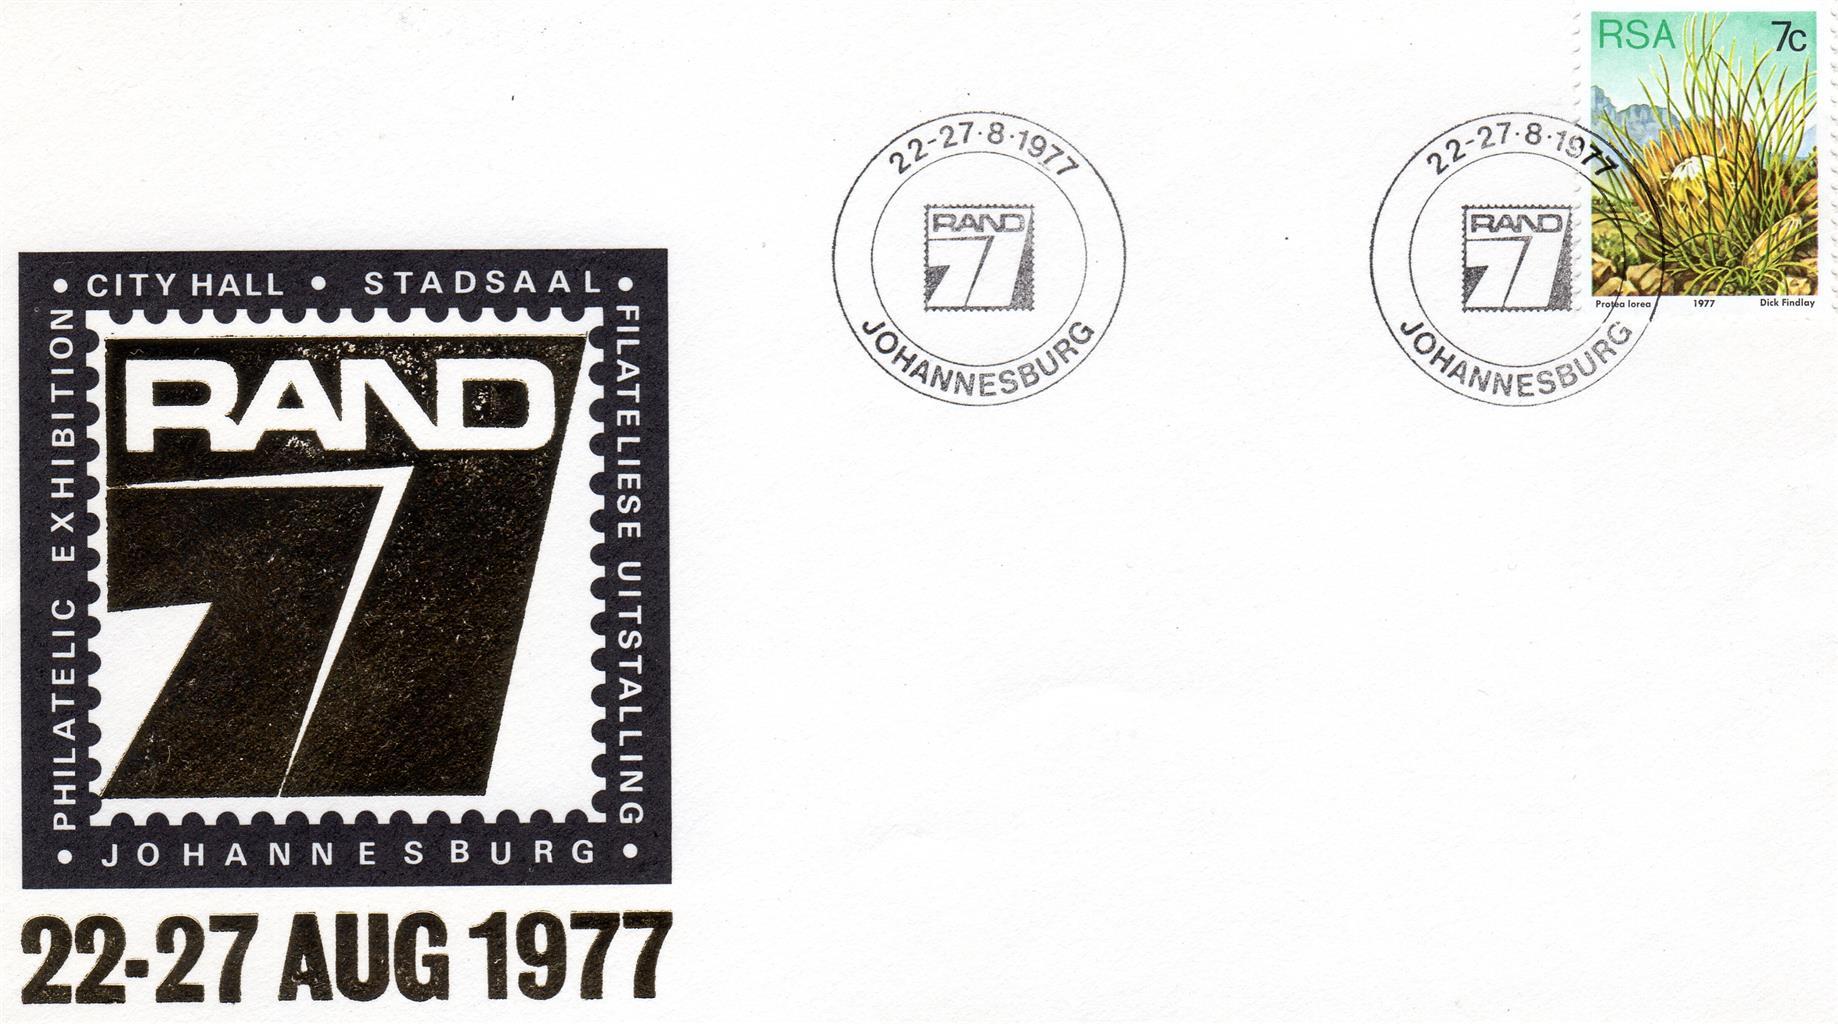 Commemorative Stamp & Envelope Set - Philatelic Exhibition City Hall 1977